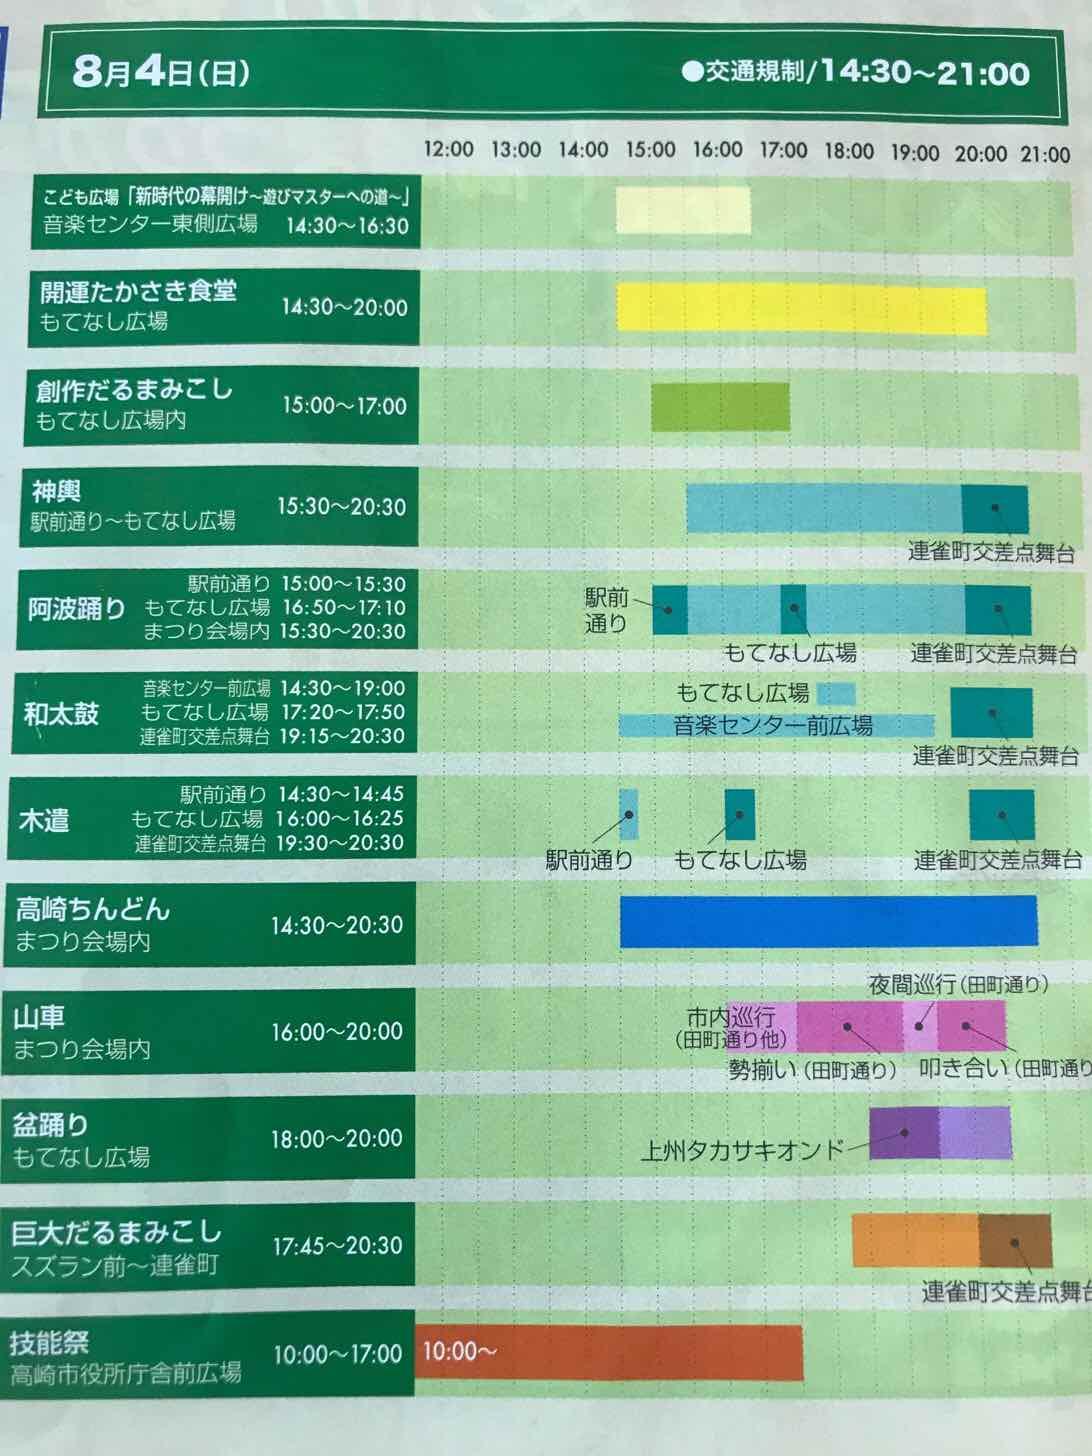 高崎祭り-タイム-4日